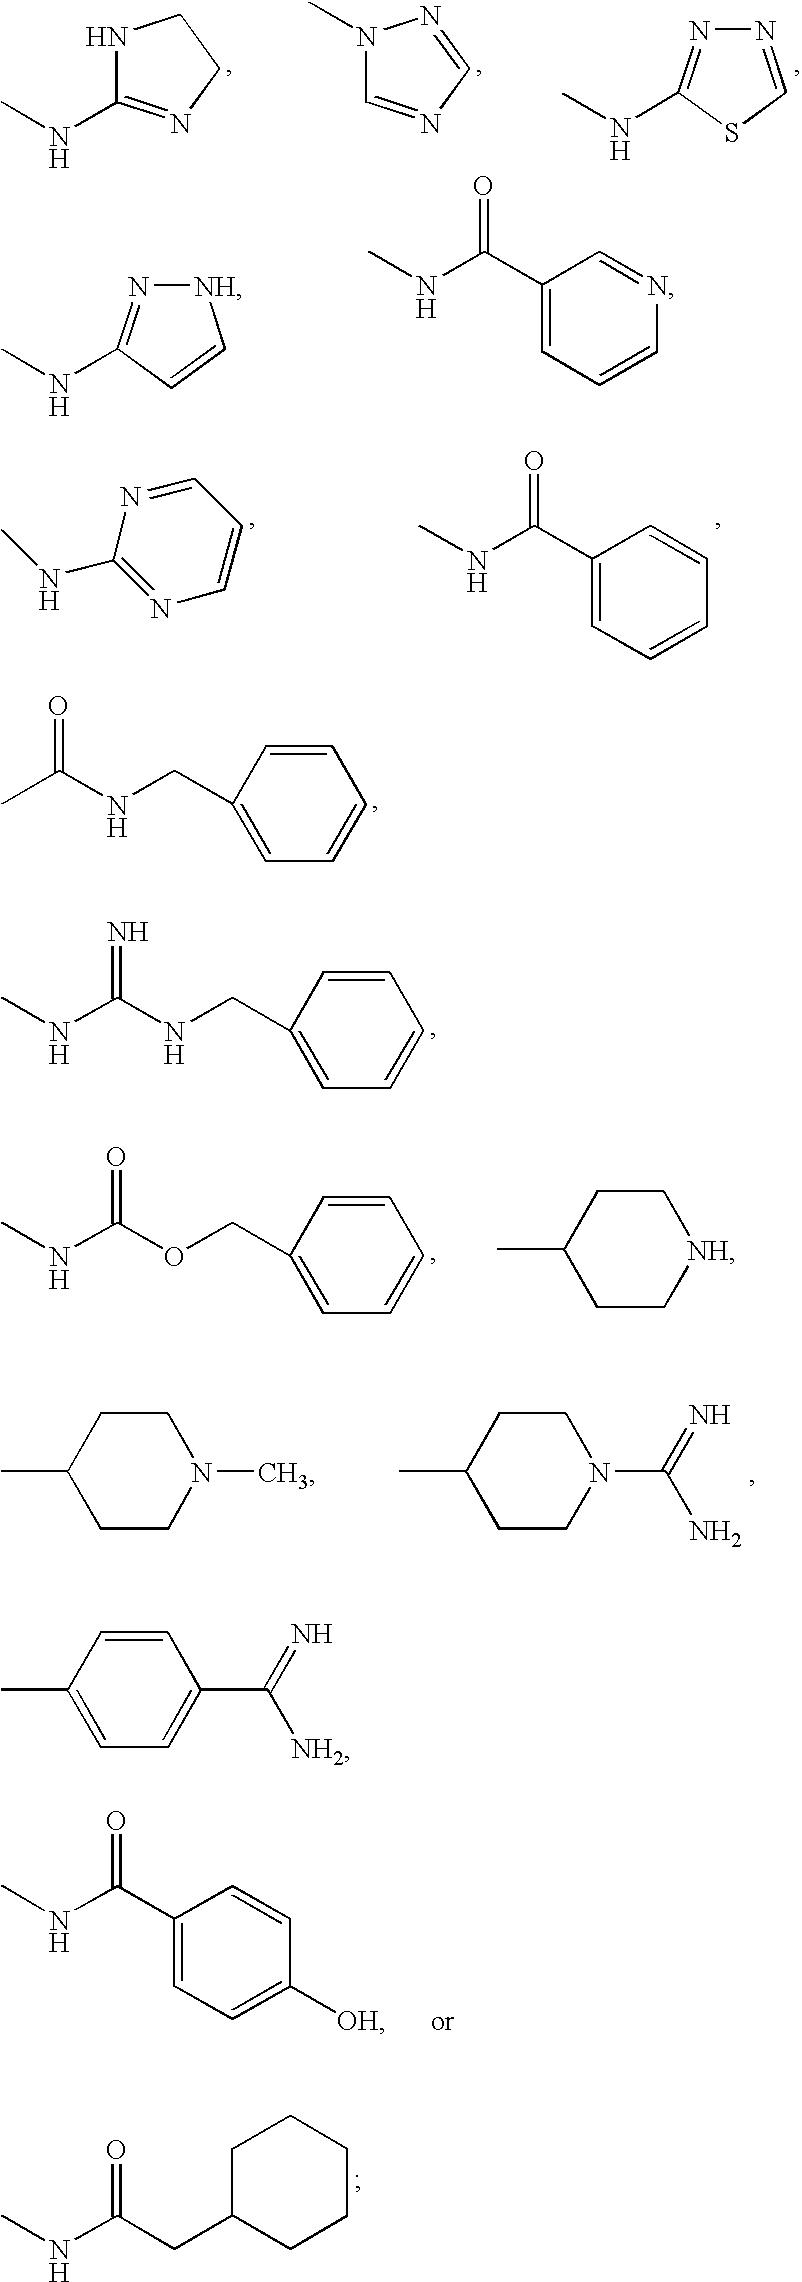 Figure US07622440-20091124-C00418